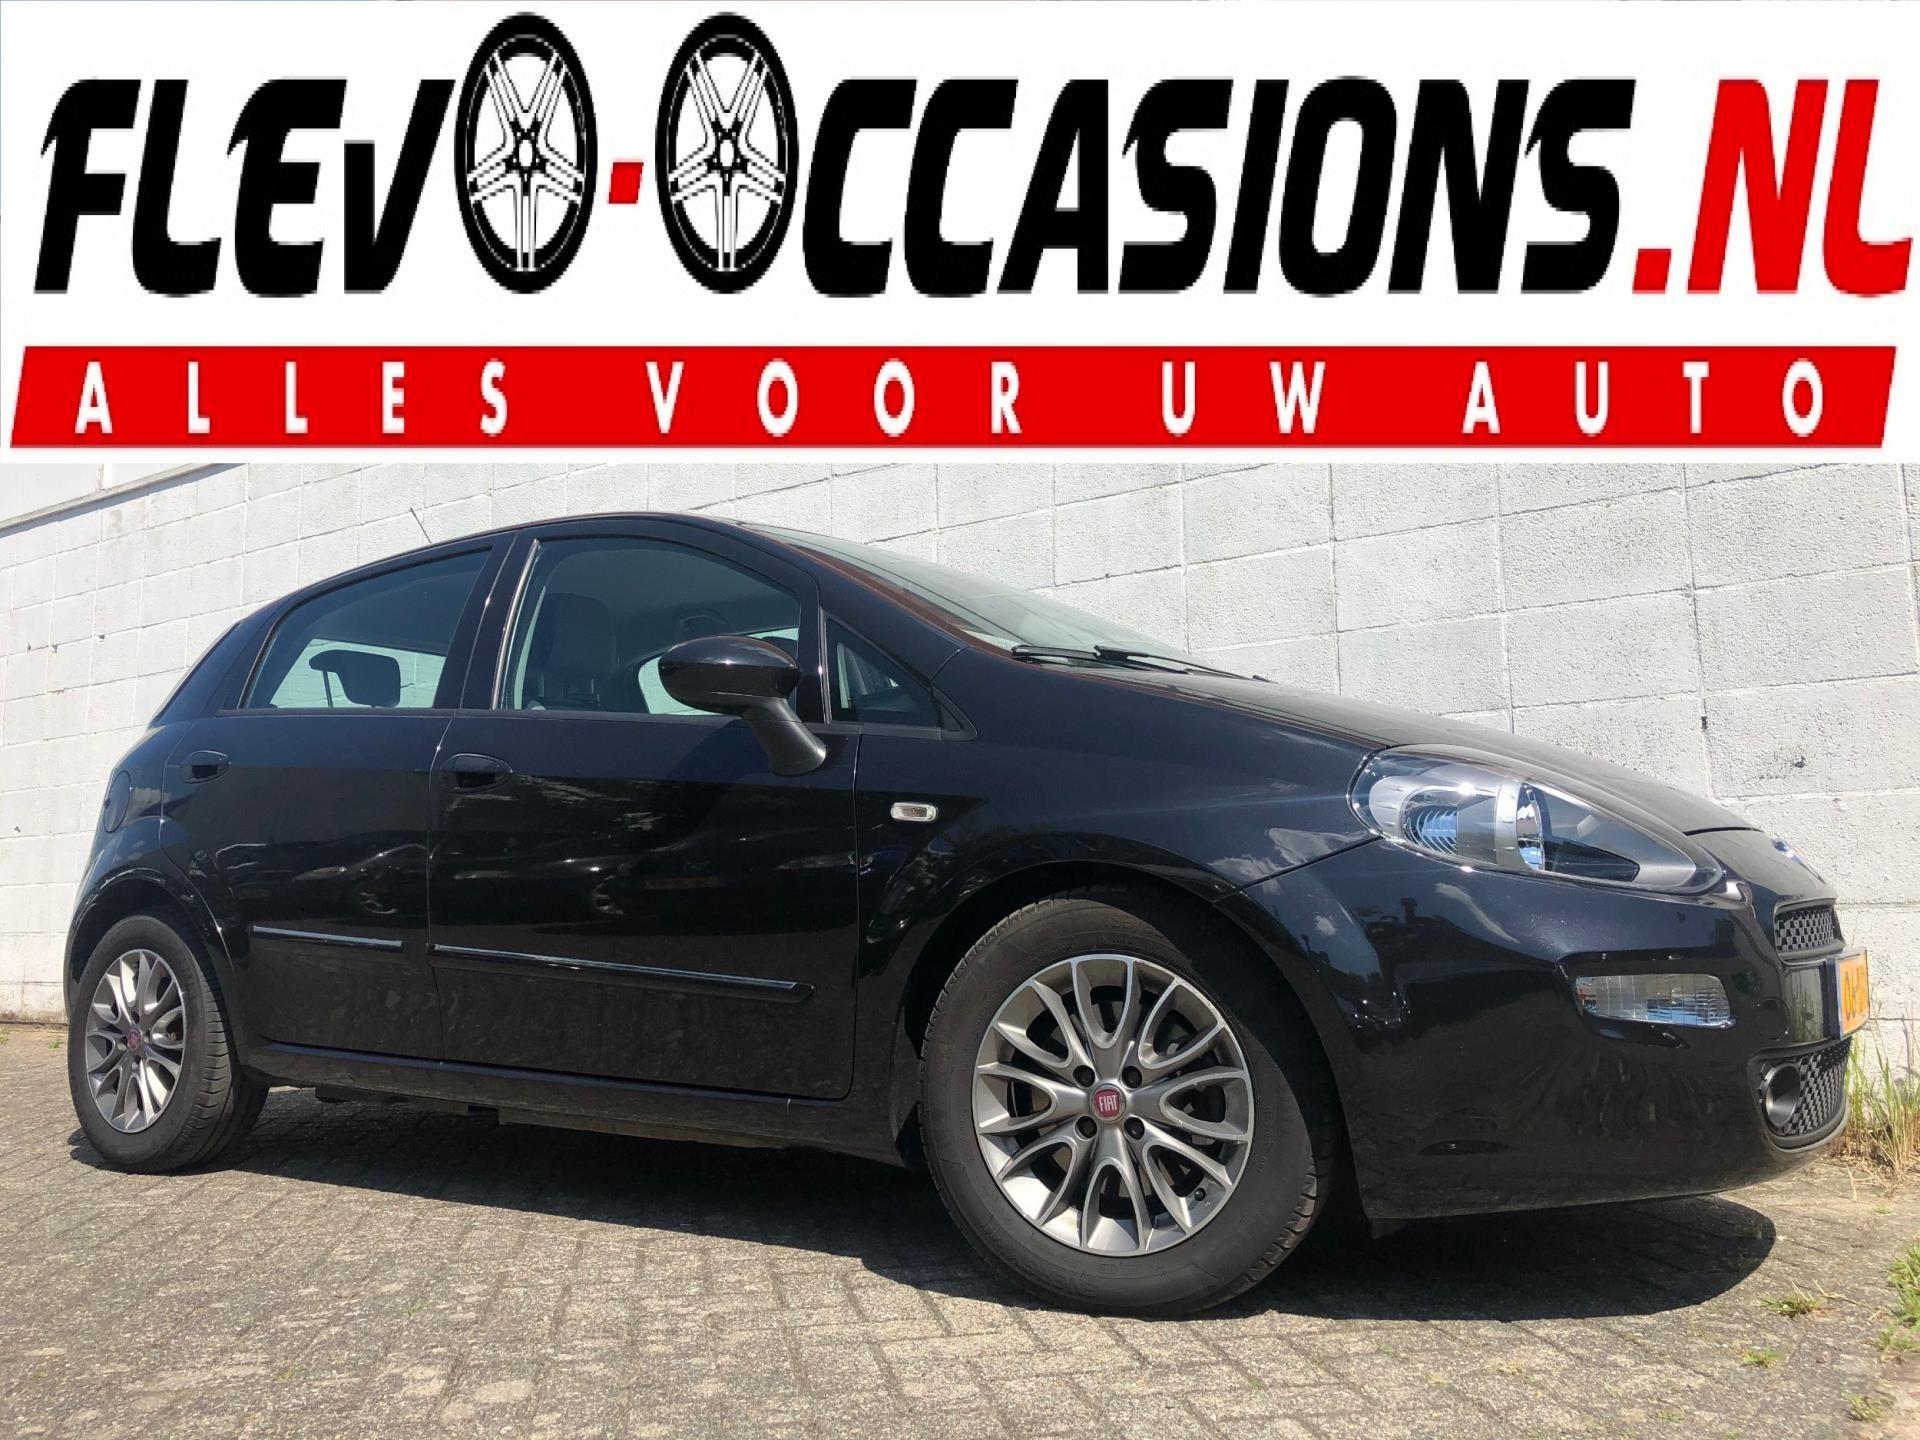 Fiat Punto Evo occasion - Flevo Occasions